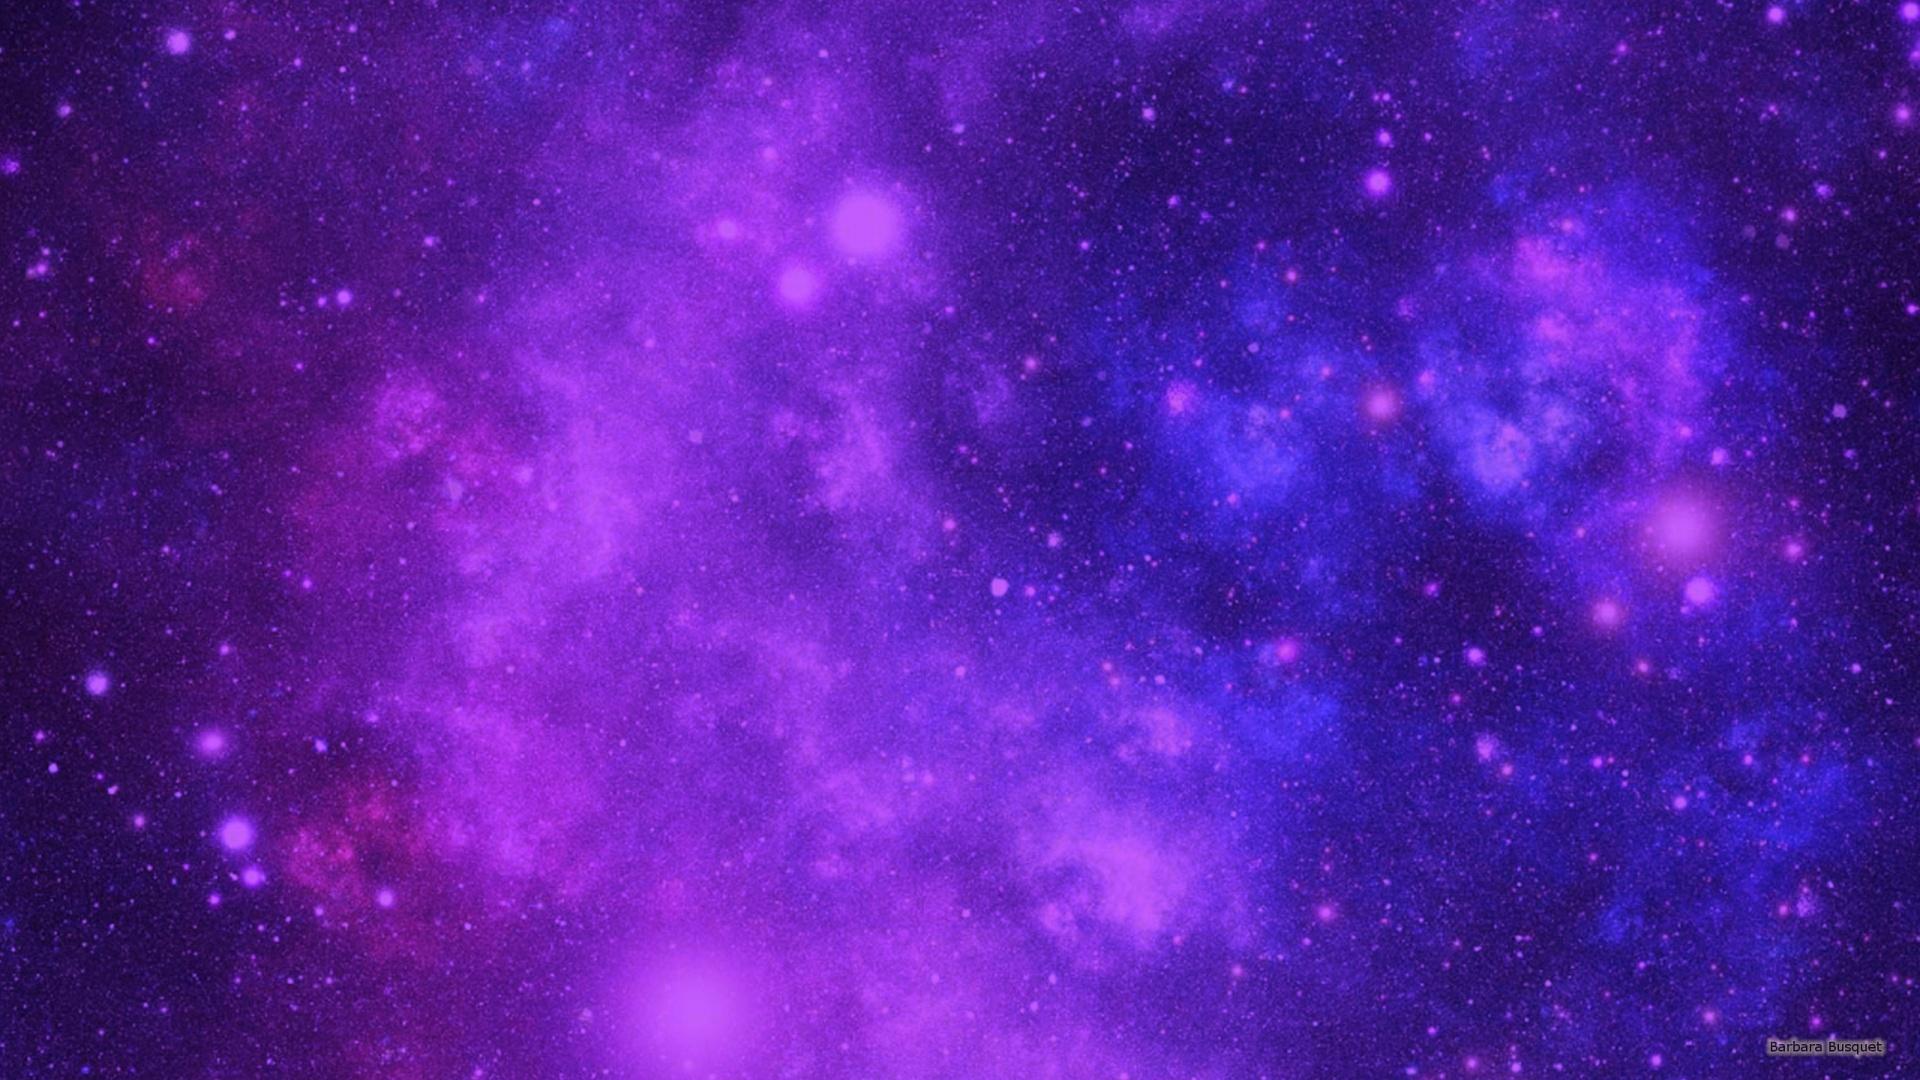 Purple Space desktop wallpaper hd